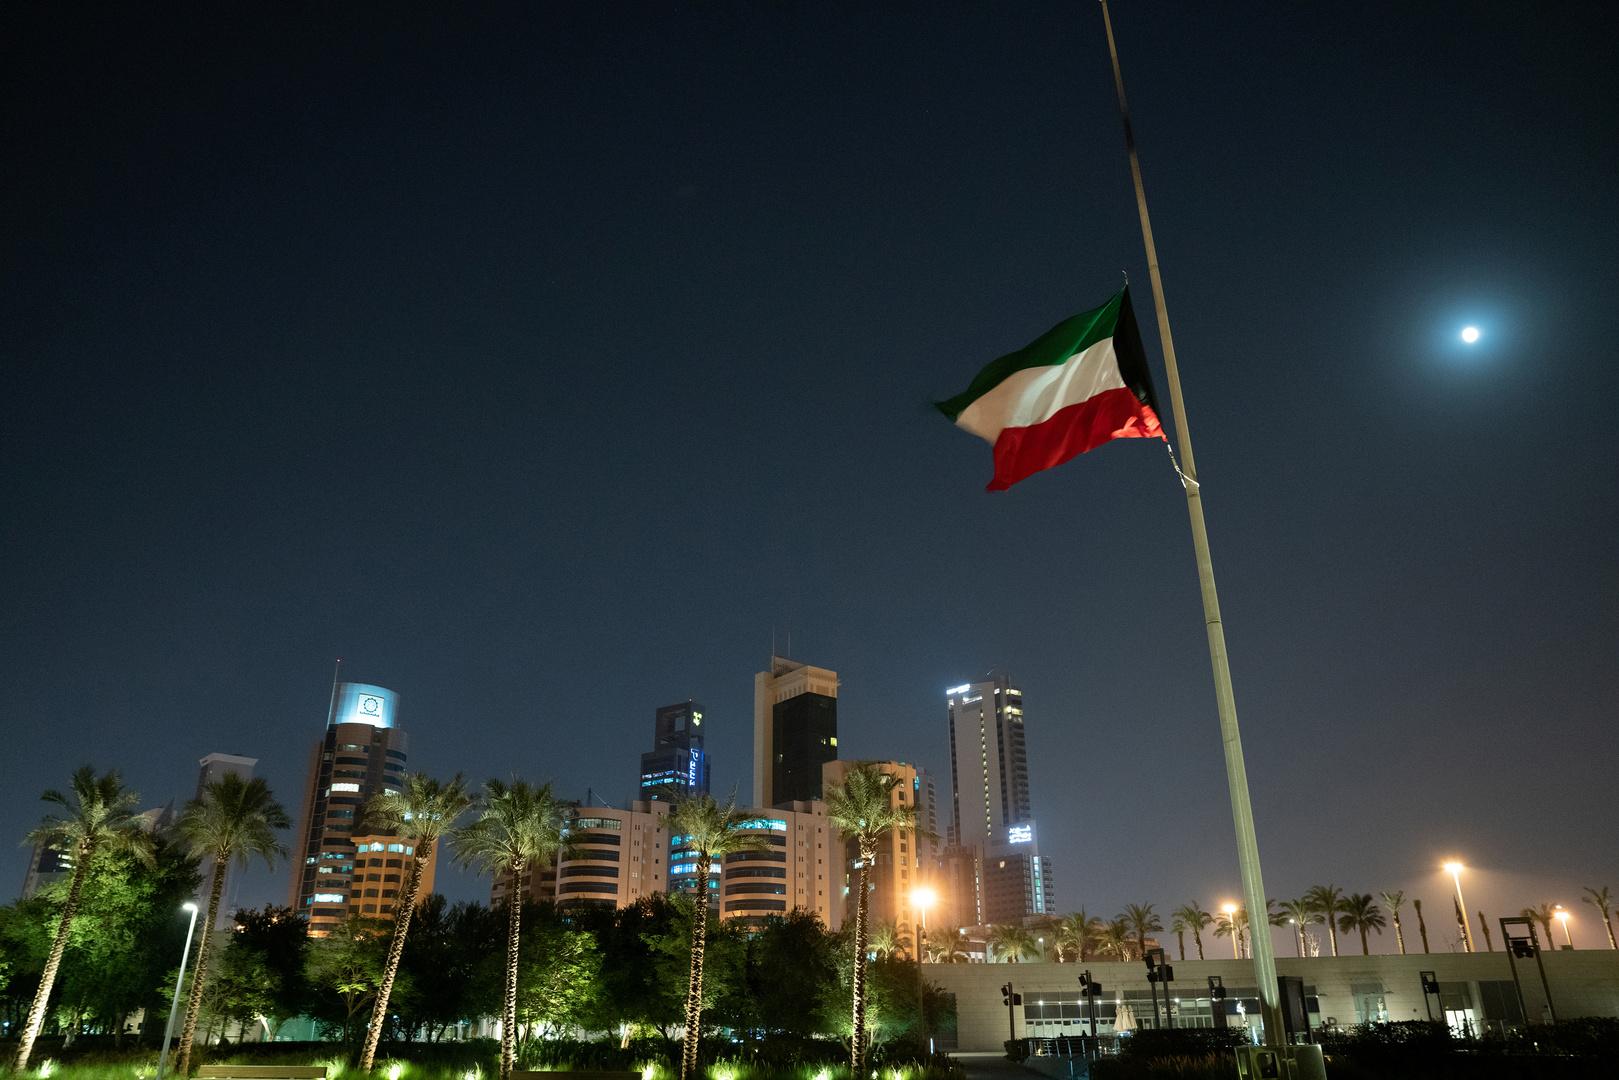 المركزي الكويتي يوجه البنوك بتعيين مواطنين في الوظائف القيادية